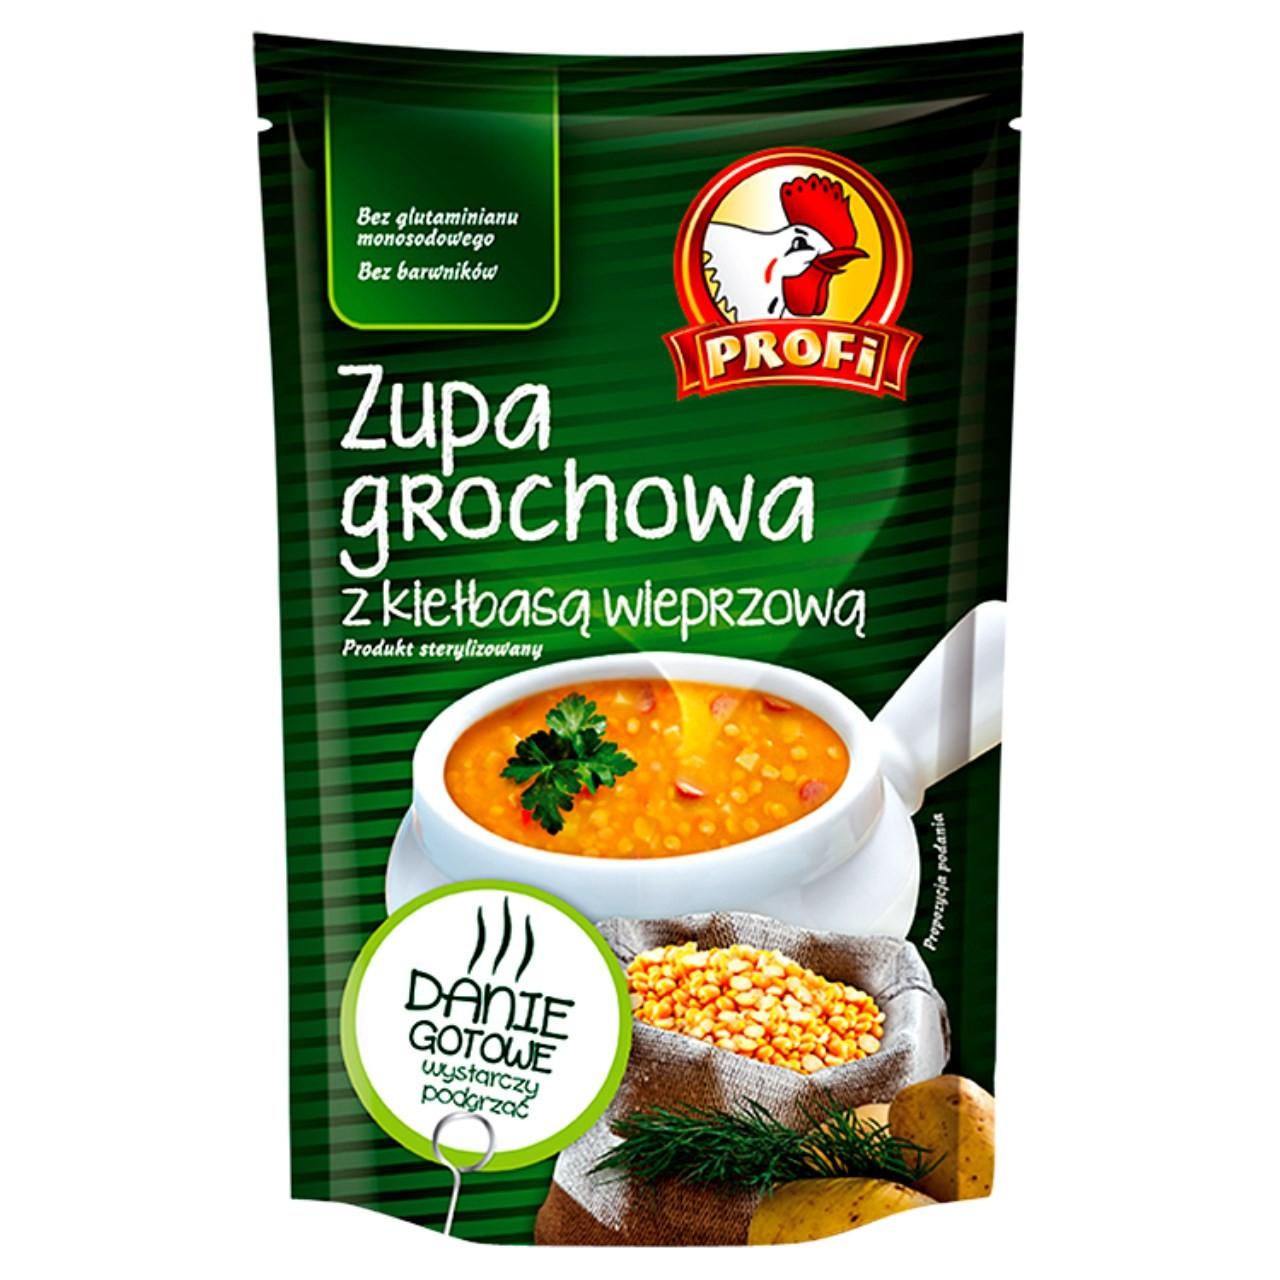 Profi Zupa Grochowa 450g Delikatesy Echt Pol